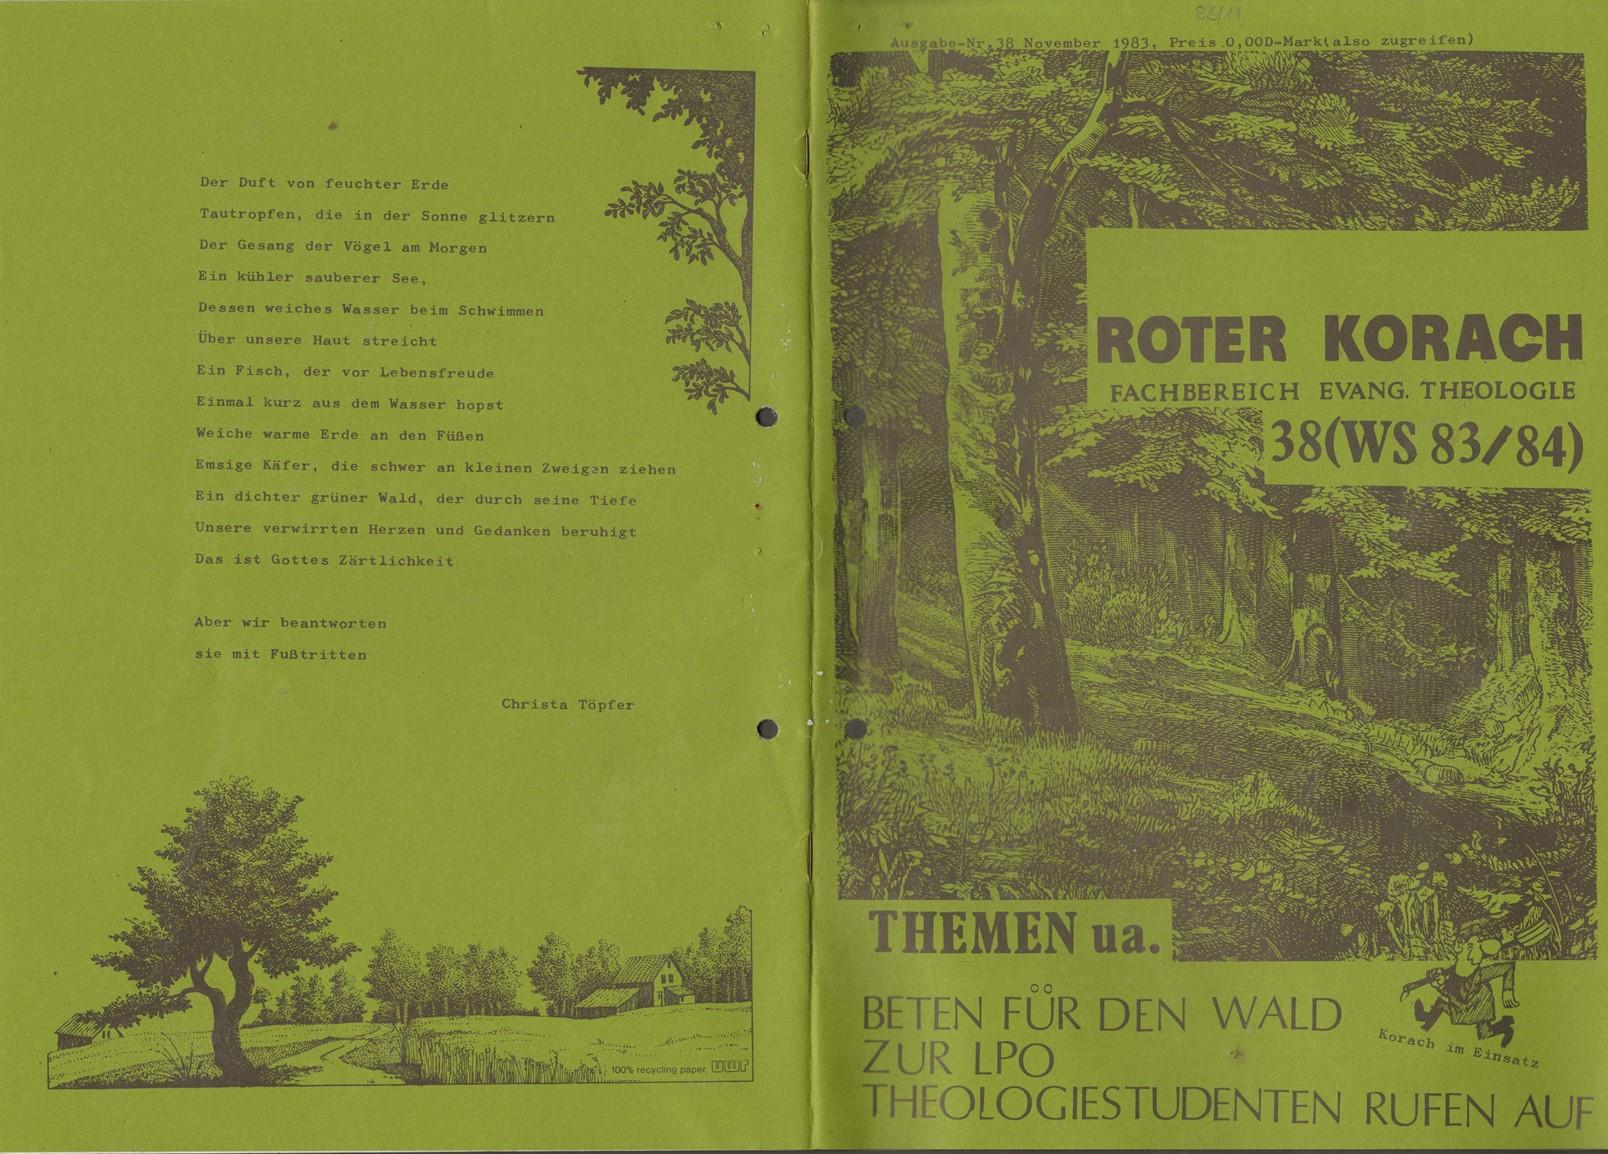 Muenster_Roter_Korach_19831100_01